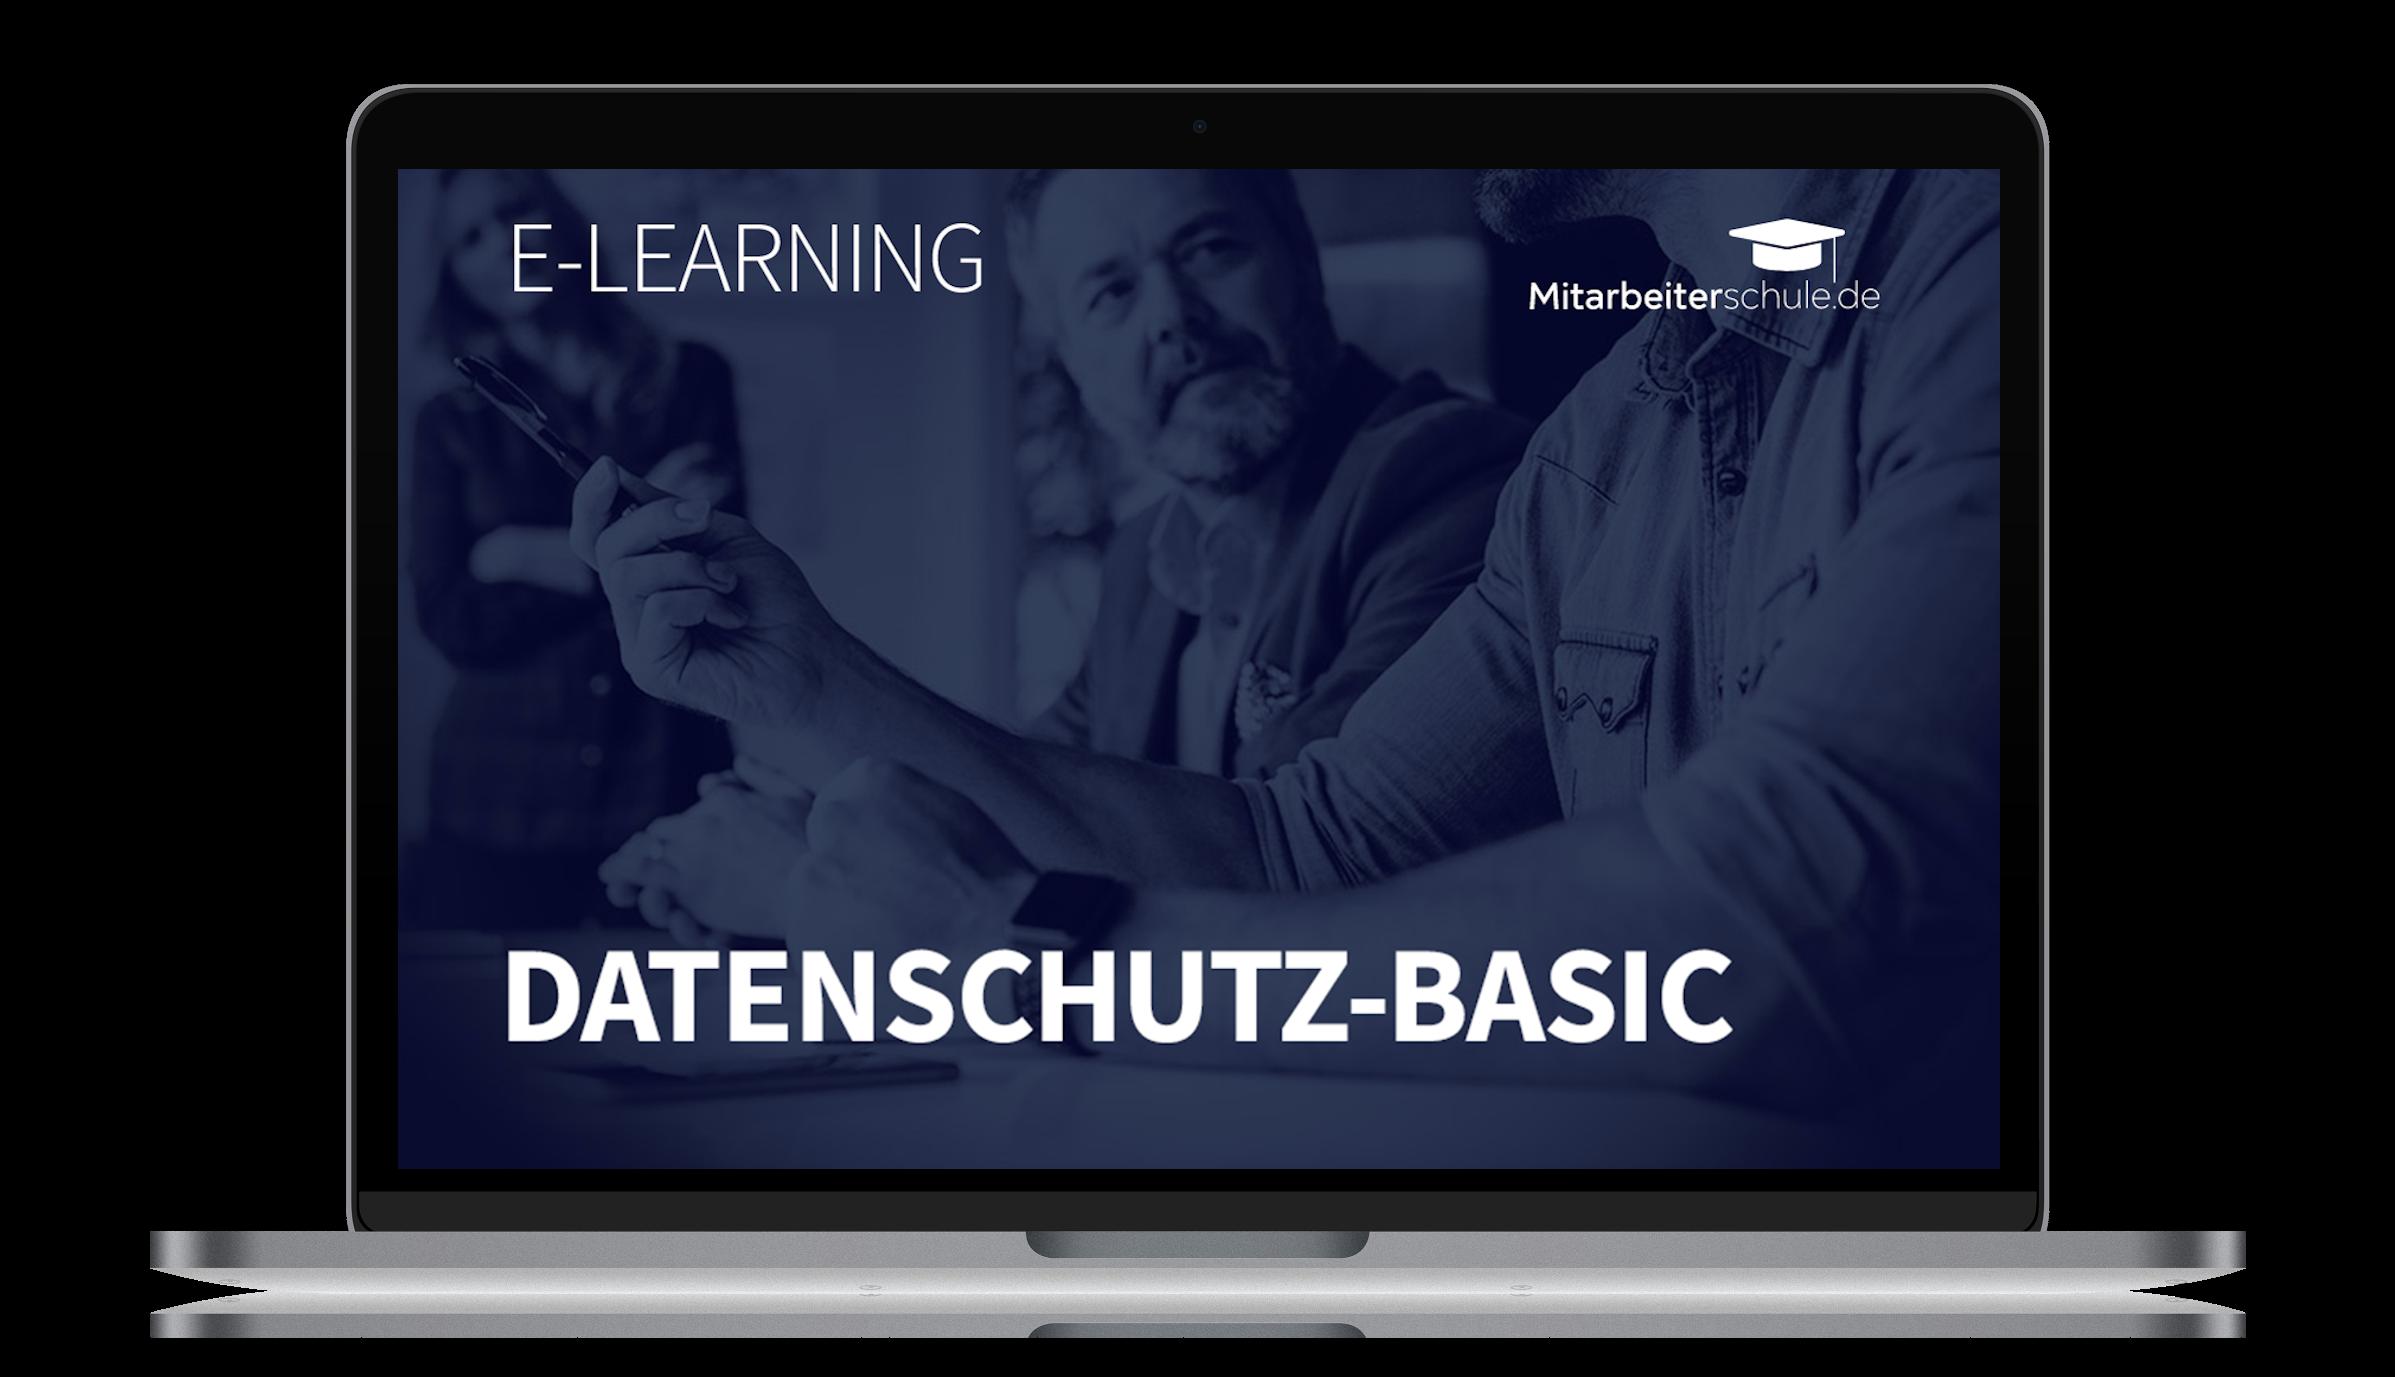 Datenschutz-Basic-Schulung